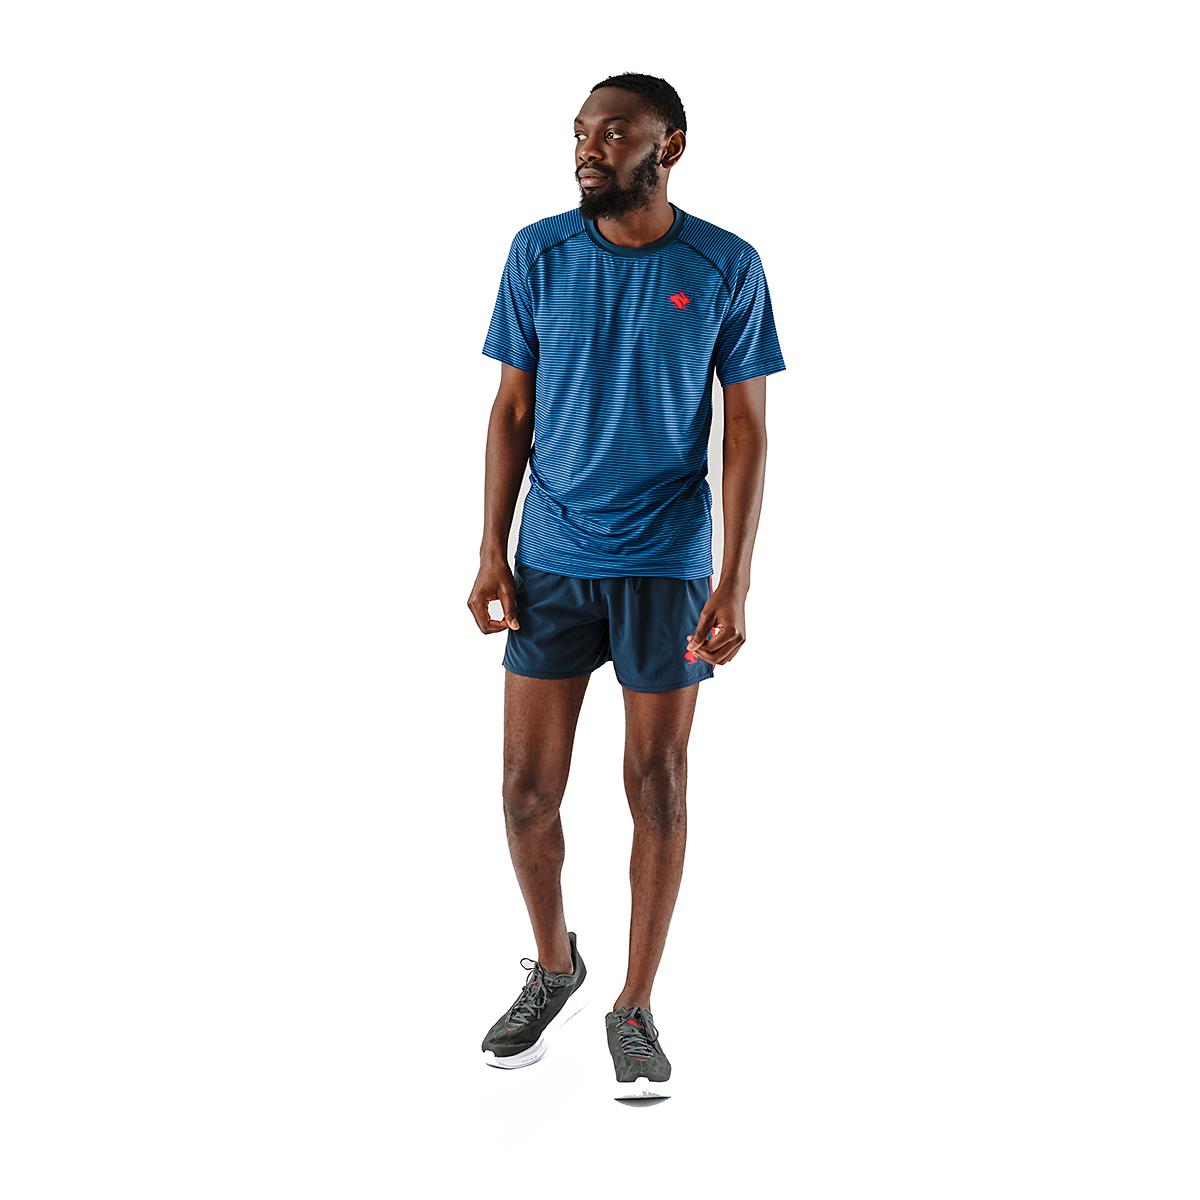 Men's Rabbit EZ Tee Short Sleeve - JackRabbit Exclusive - Color: Dress Blues/Lapis Blue - Size: S, Dress Blues/Lapis Blue, large, image 4